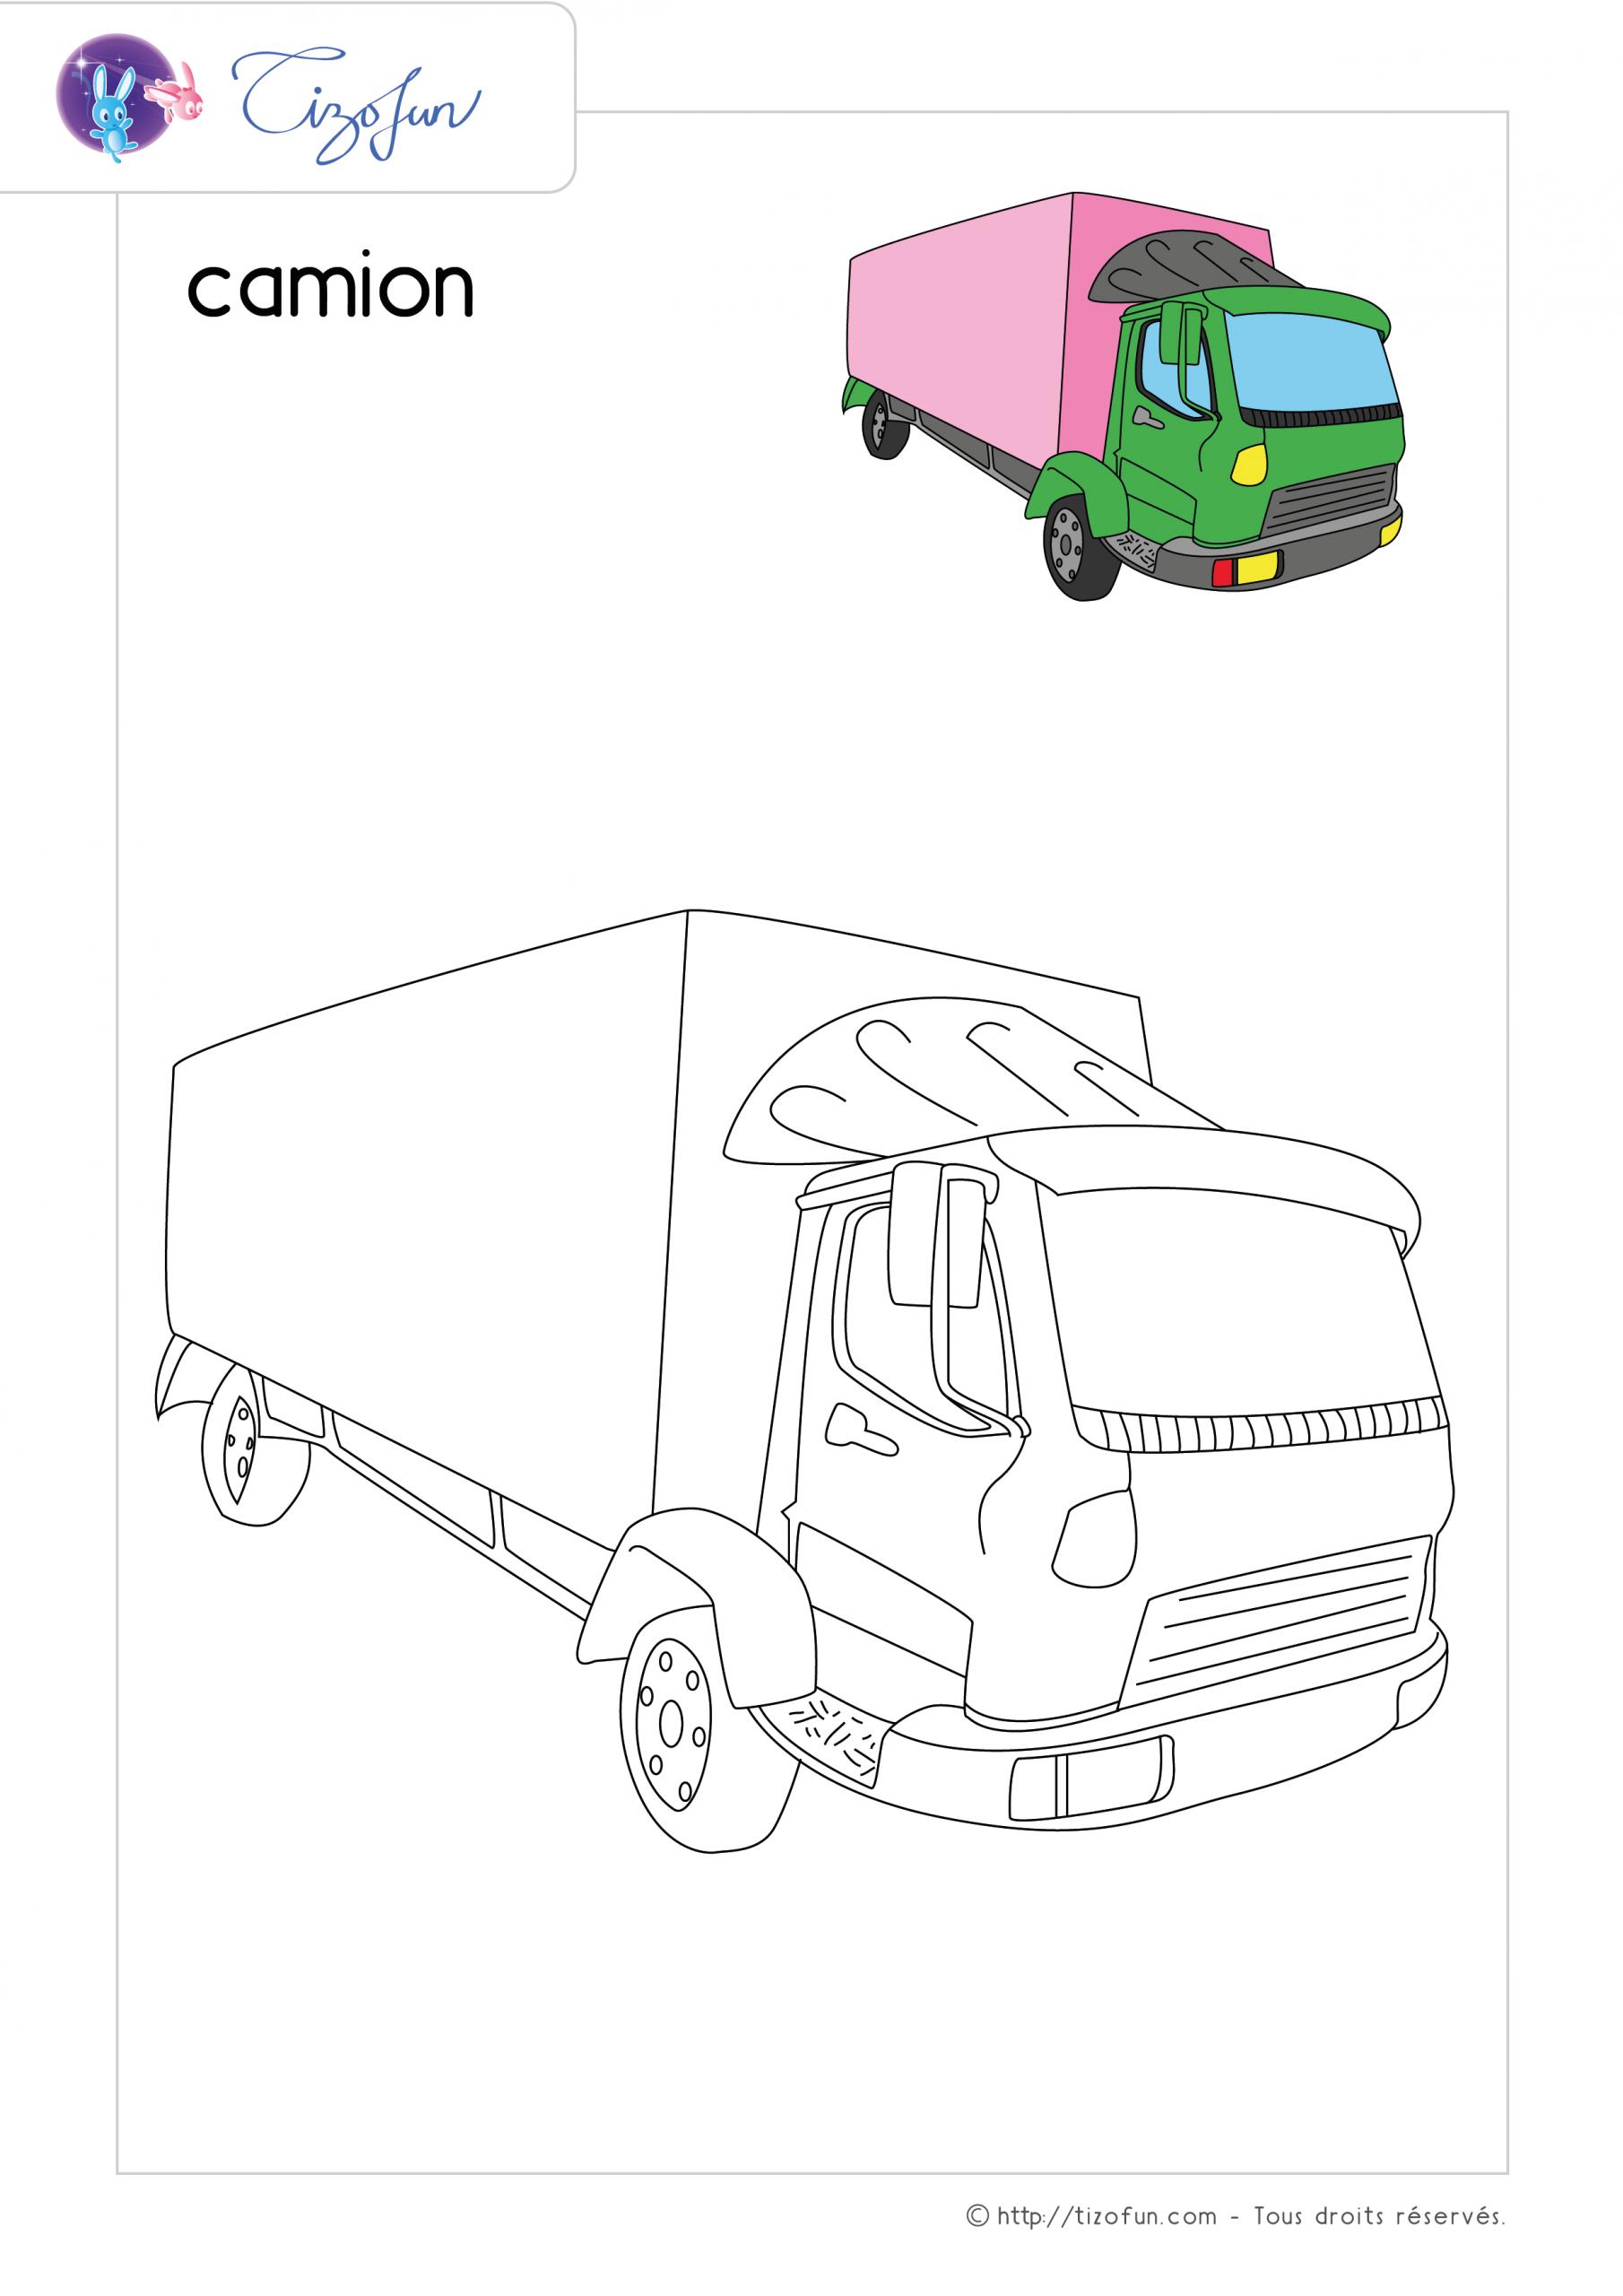 Coloriage-Transport-Dessin-Camion | Dessin Camion De Pompier dedans Dessin D Un Camion